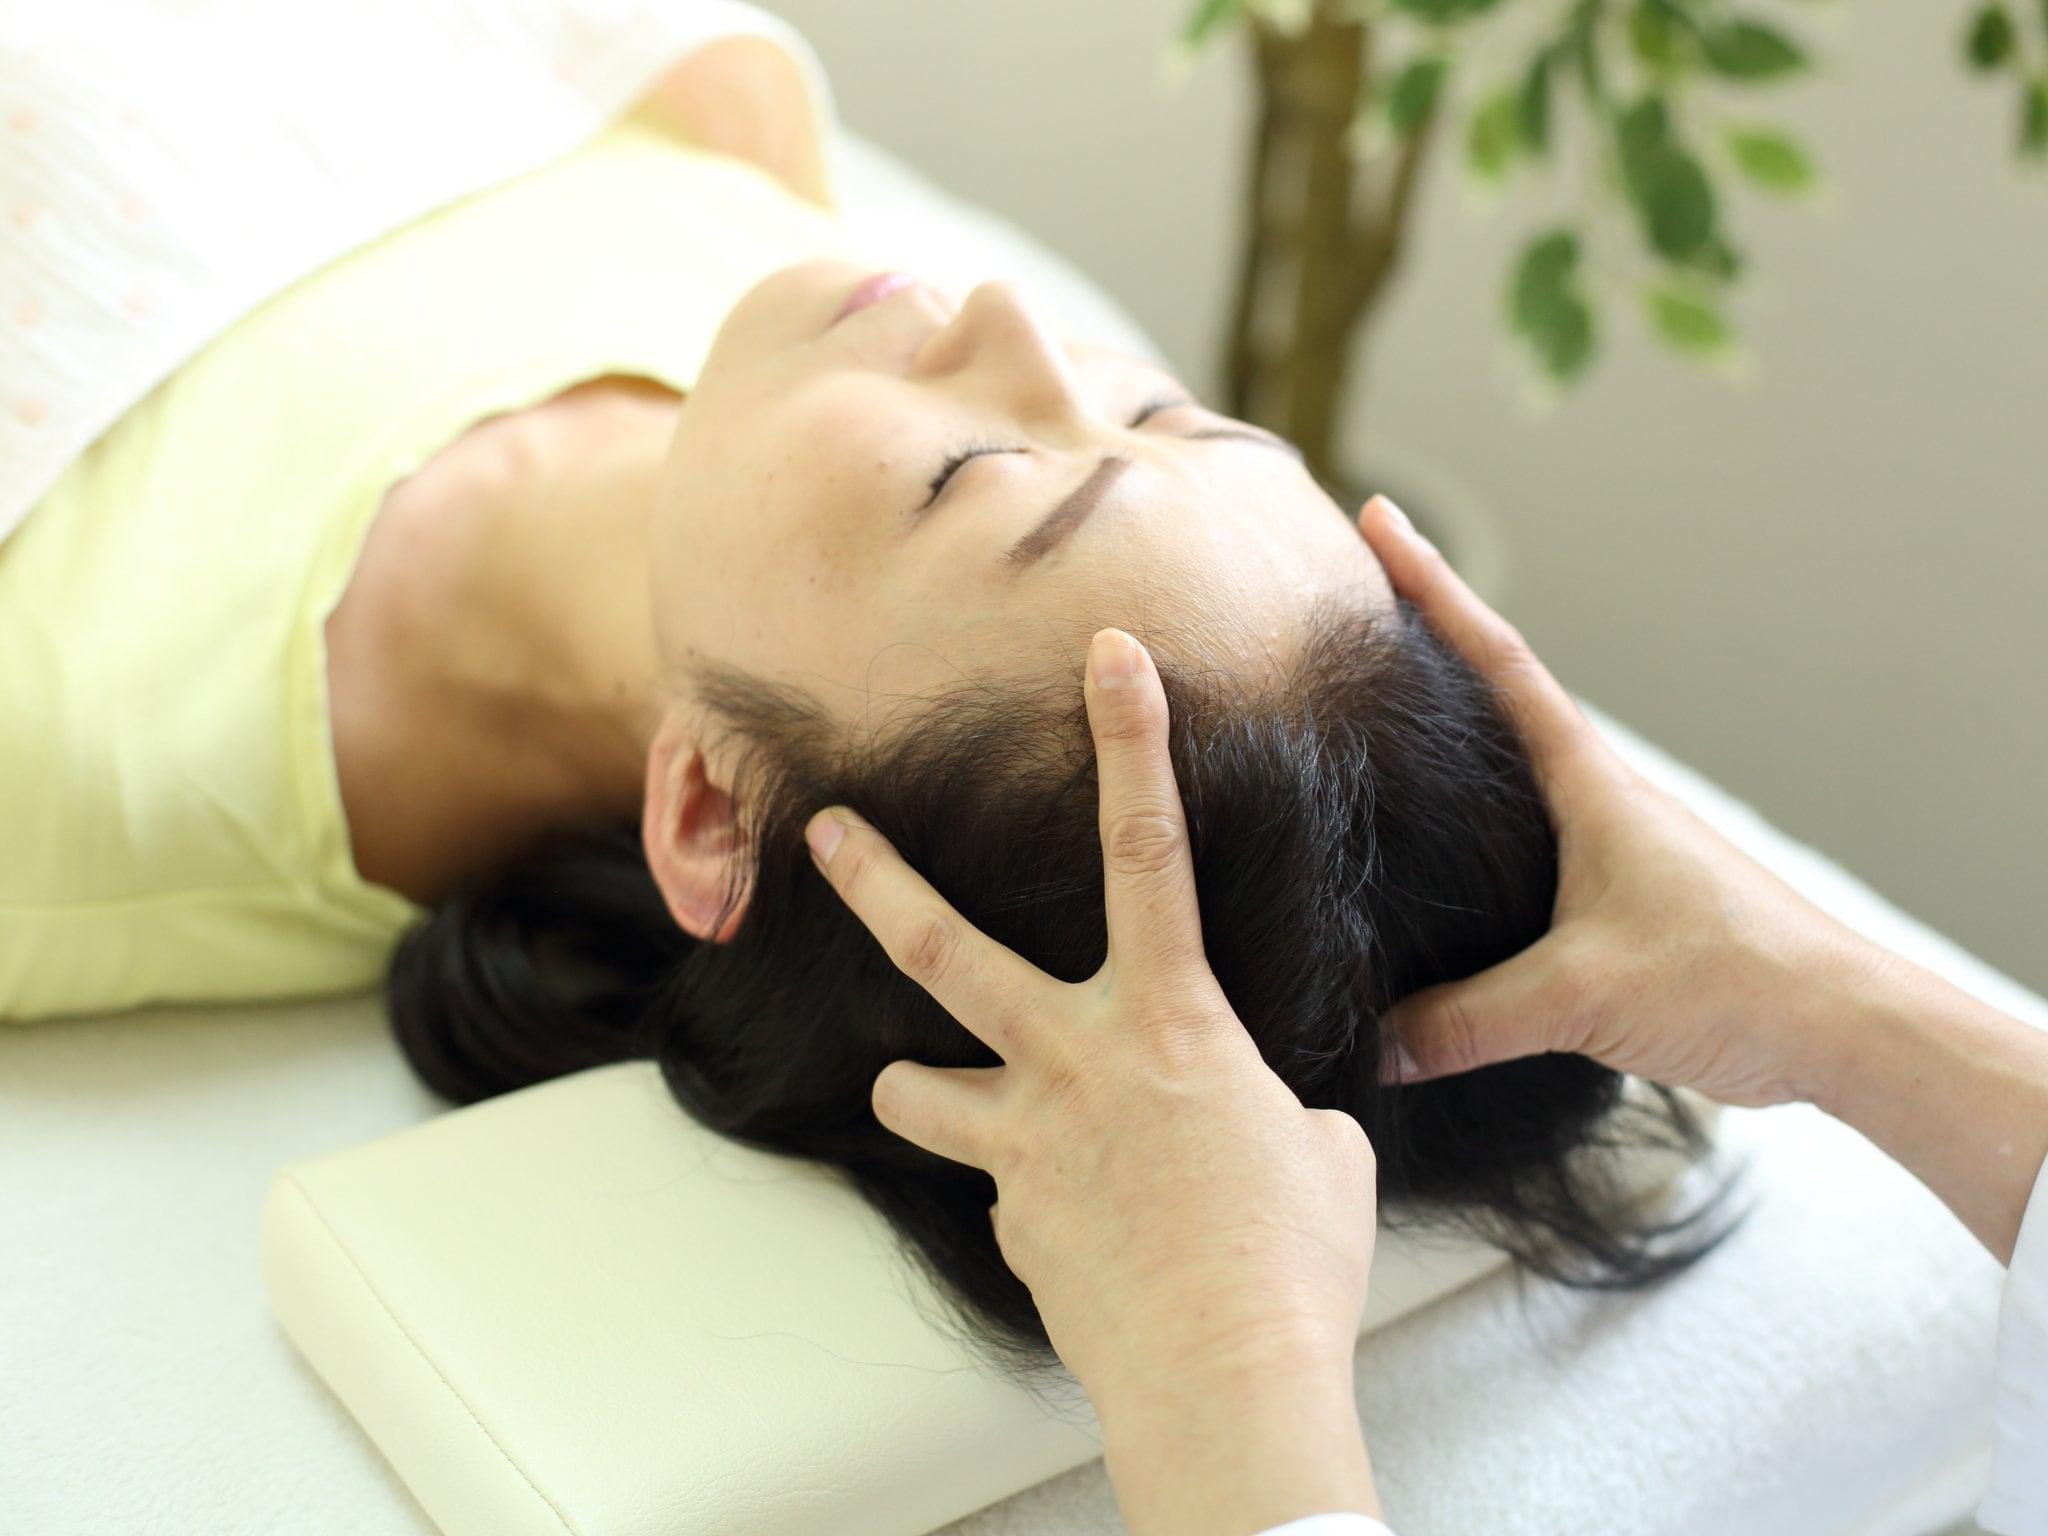 頭痛・肩こり改善させる整体【初回限定】大阪難波のイメージその3